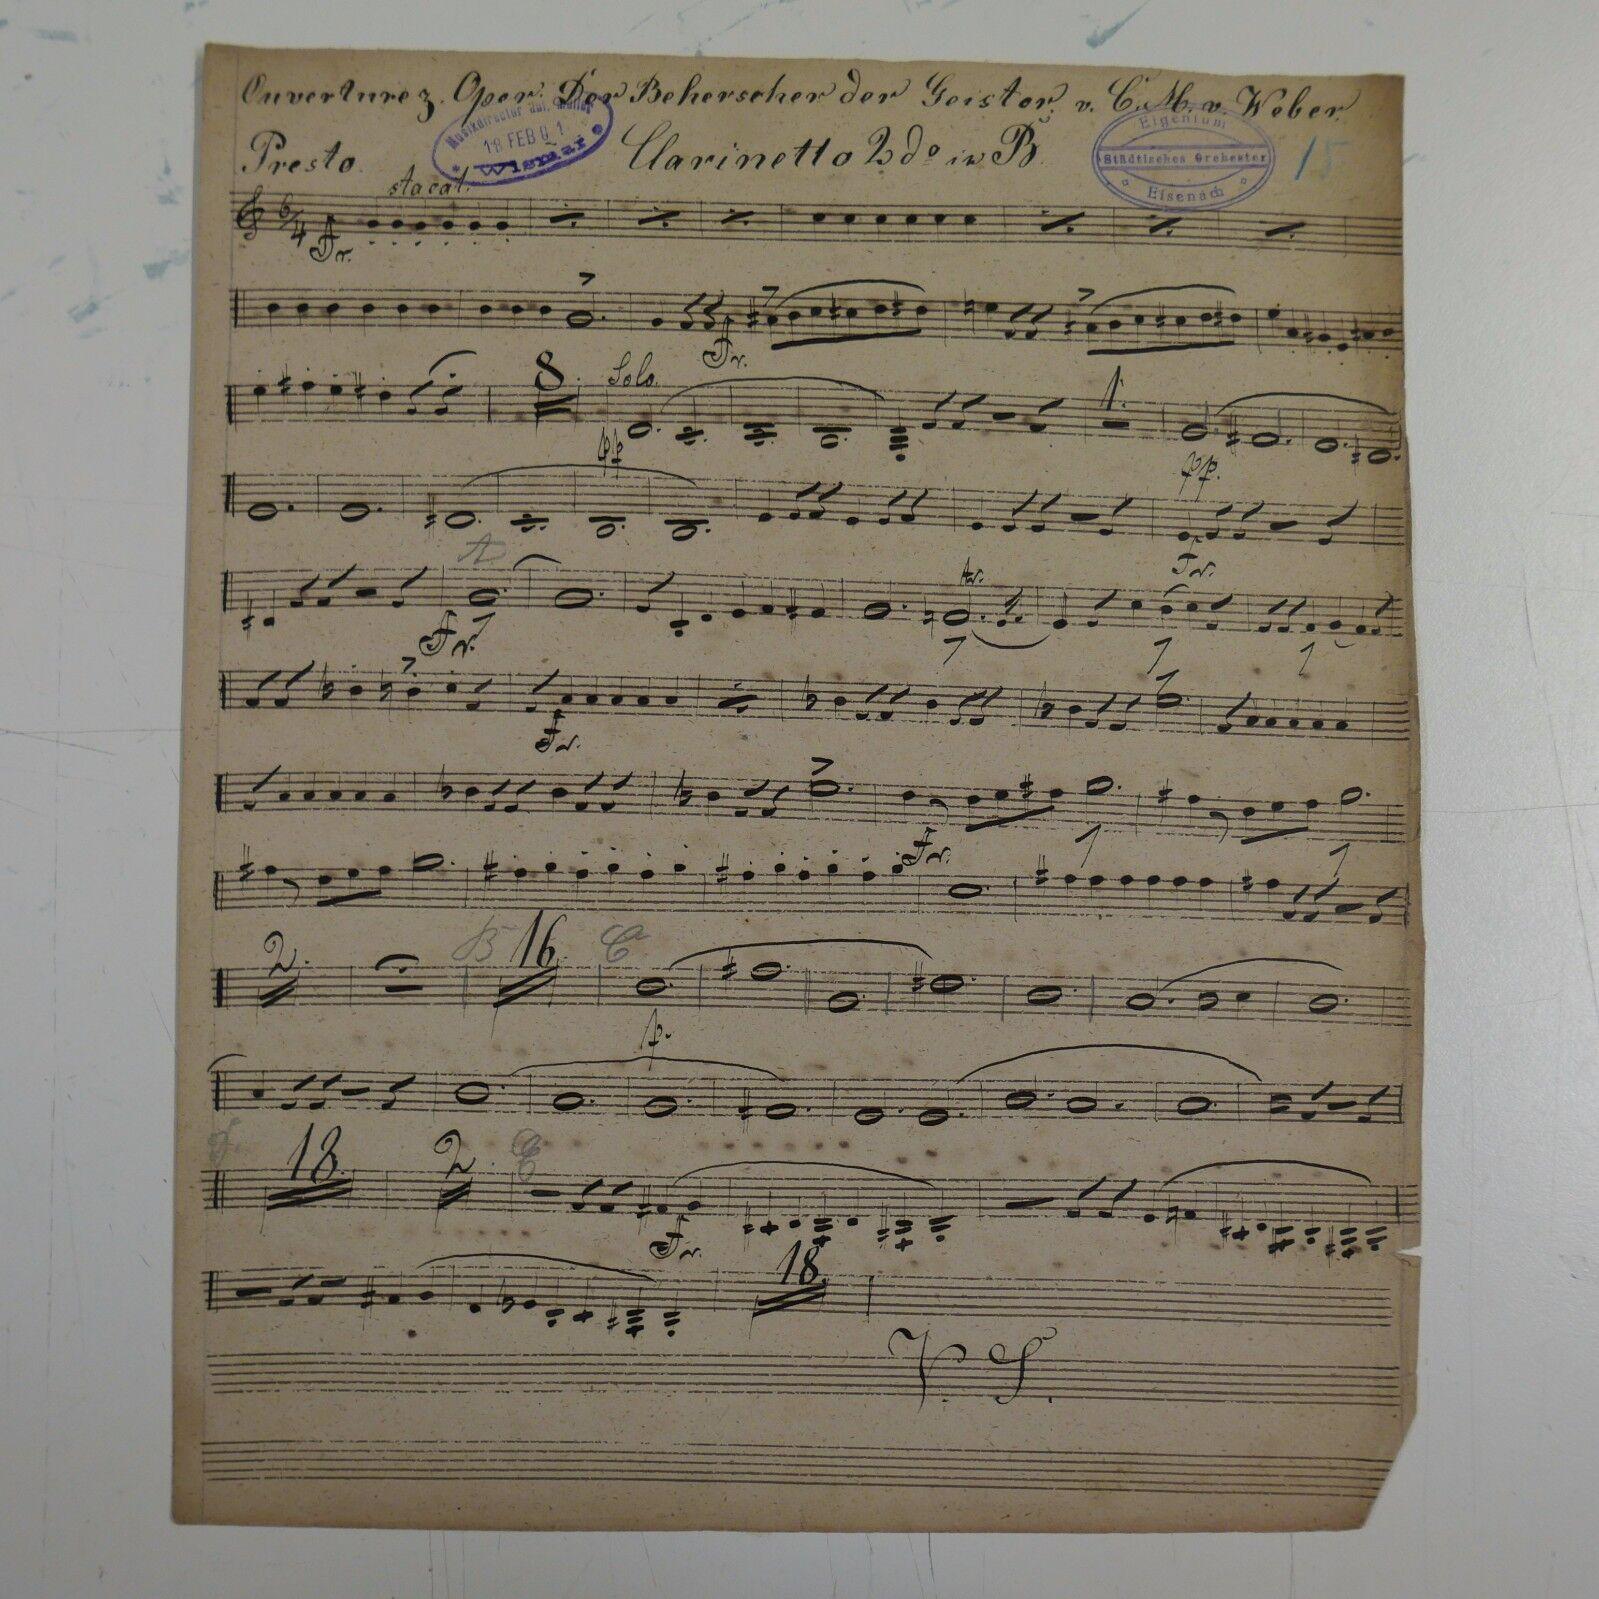 C M v WEBER DER BEHERRSCHER DER GEISTER clarinet2 part ,antique music manuscript